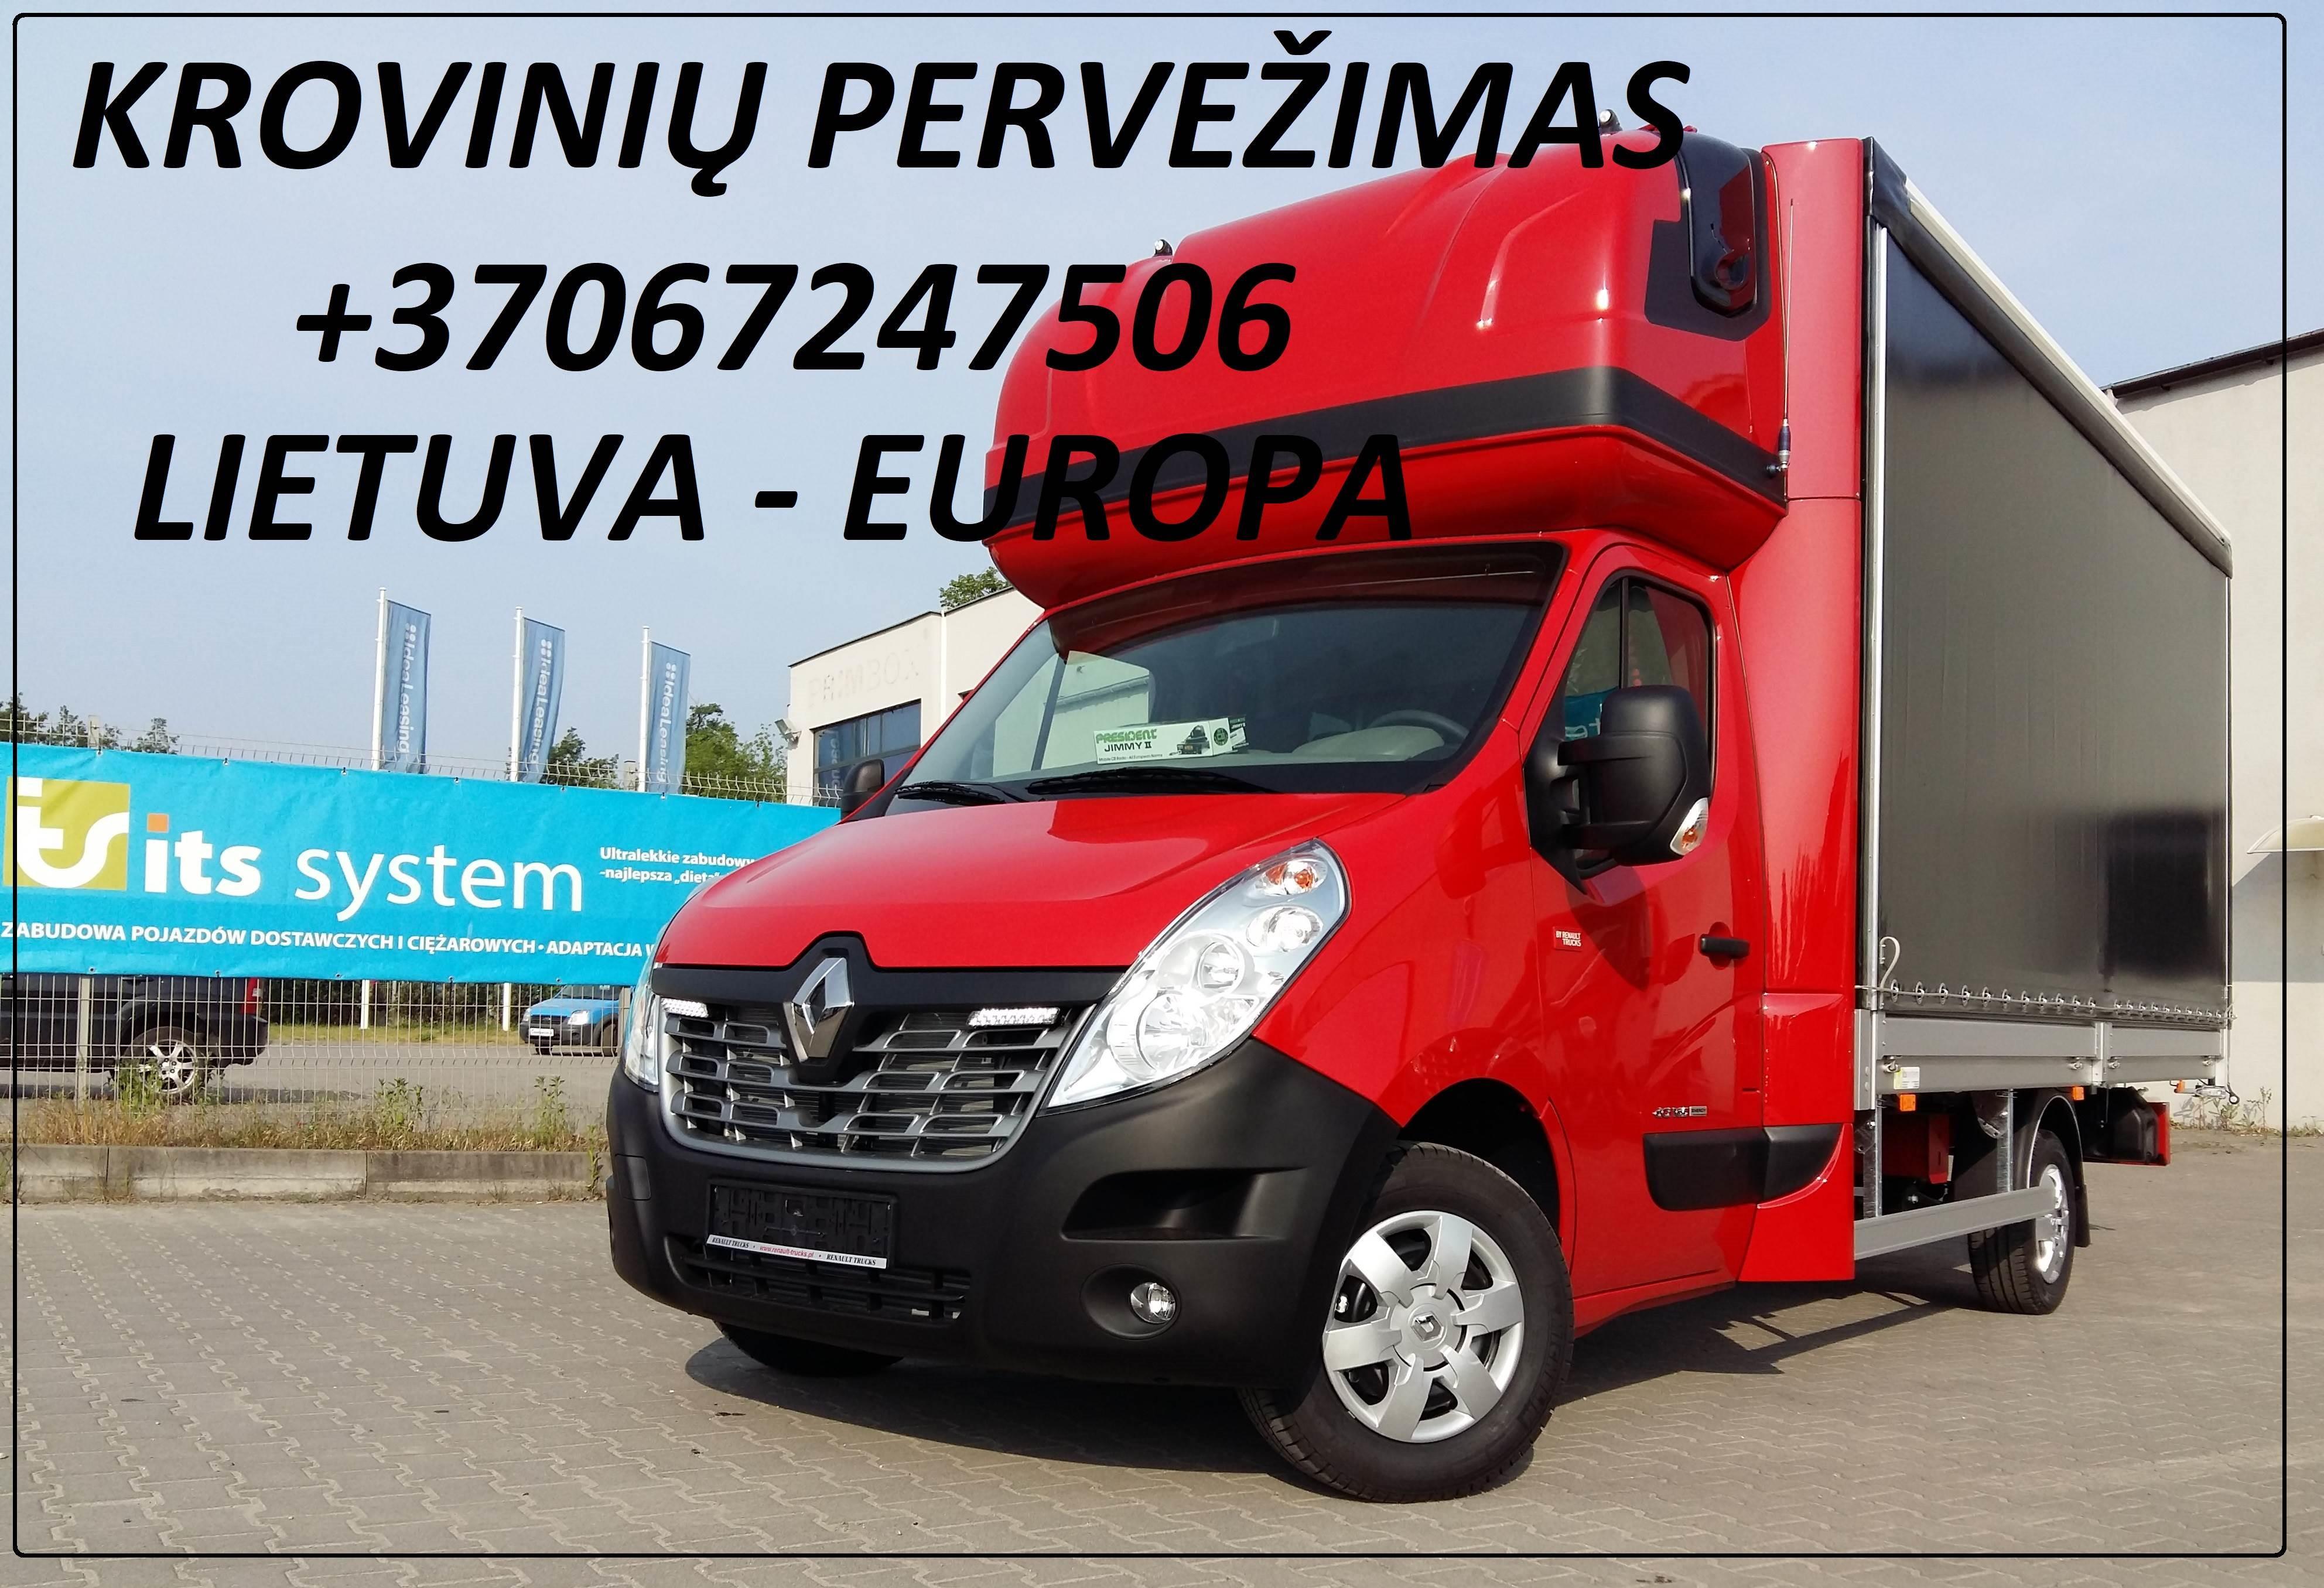 Krovinių Pervežimas tentiniu mikroautobusiuku Lietuva – Olandija – Lietuva ! Telpa 8 euro paletės iki 1200kg. Vežame krovinius, siuntas, baldus, įreng